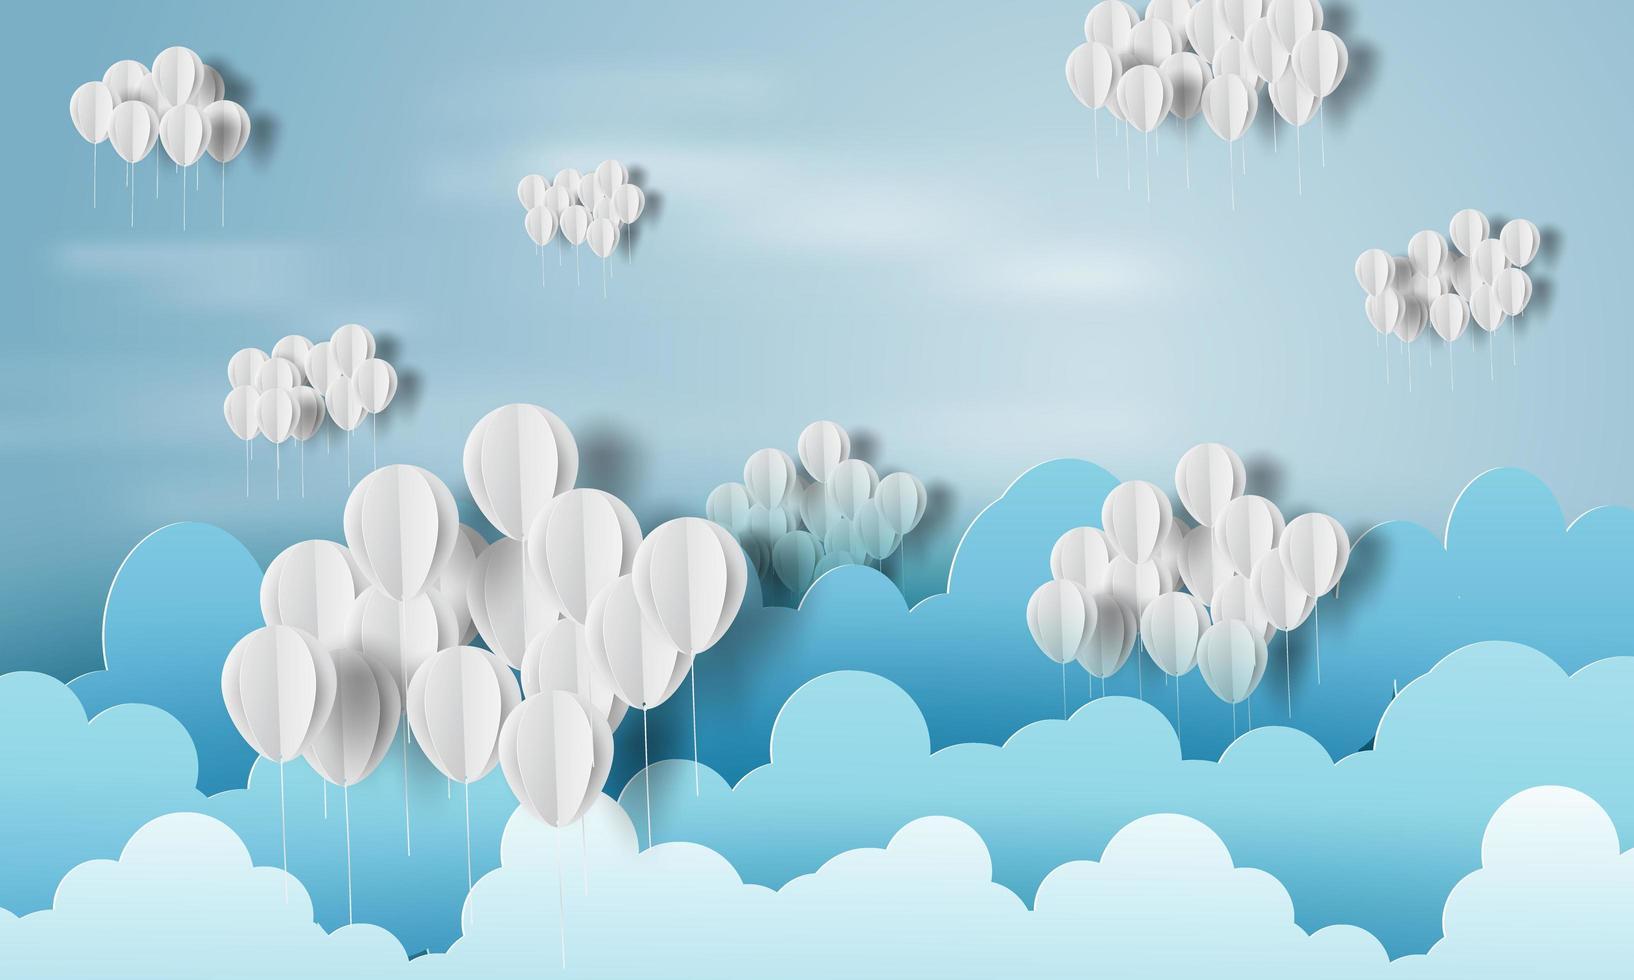 arte di carta di palloncini come nuvole sul banner del cielo blu vettore